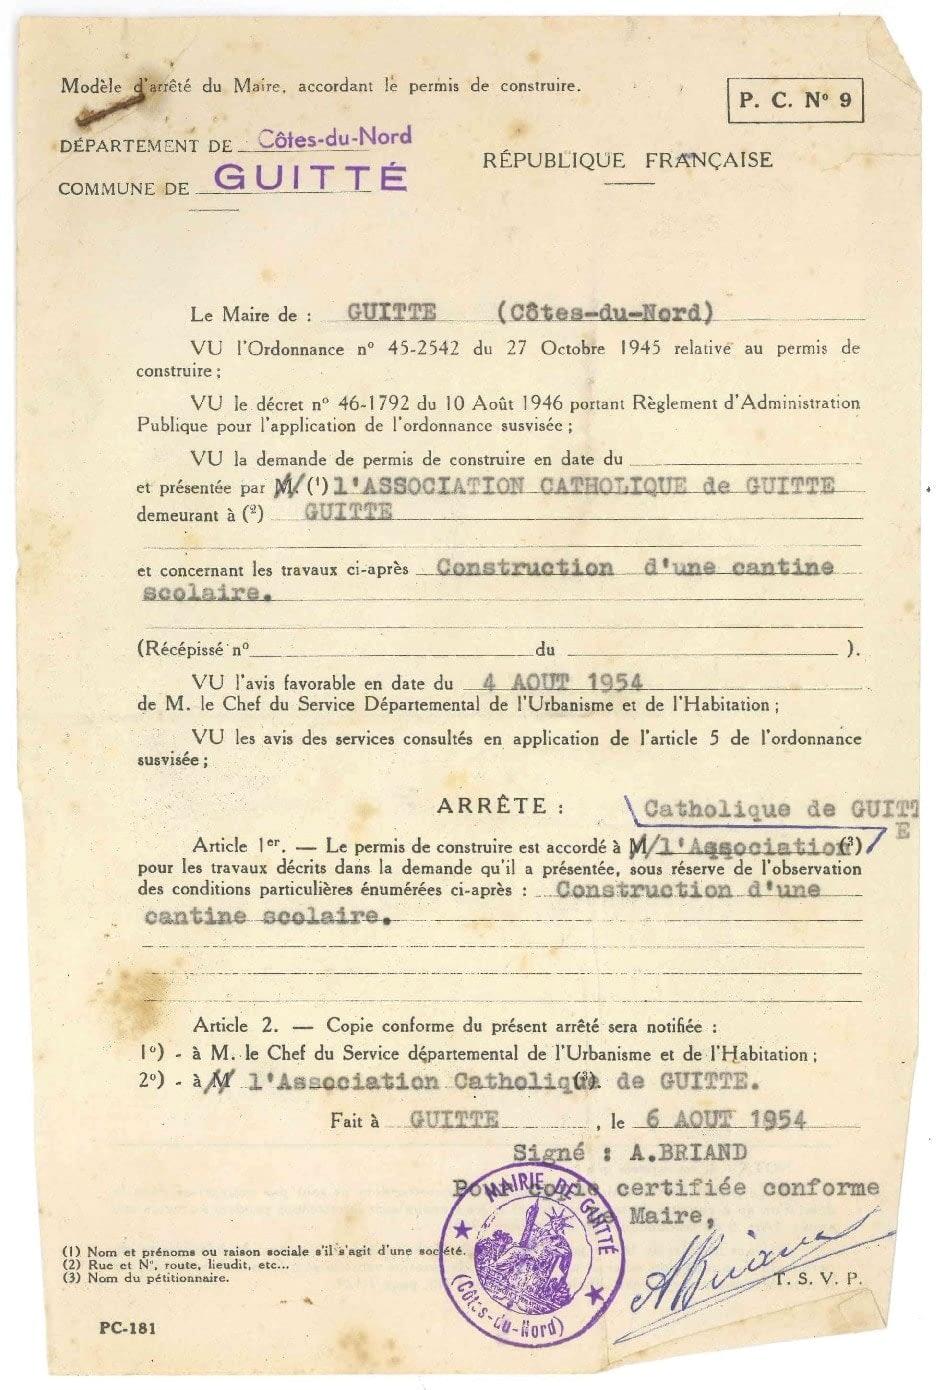 permis de construire de l'école de guitté 1954